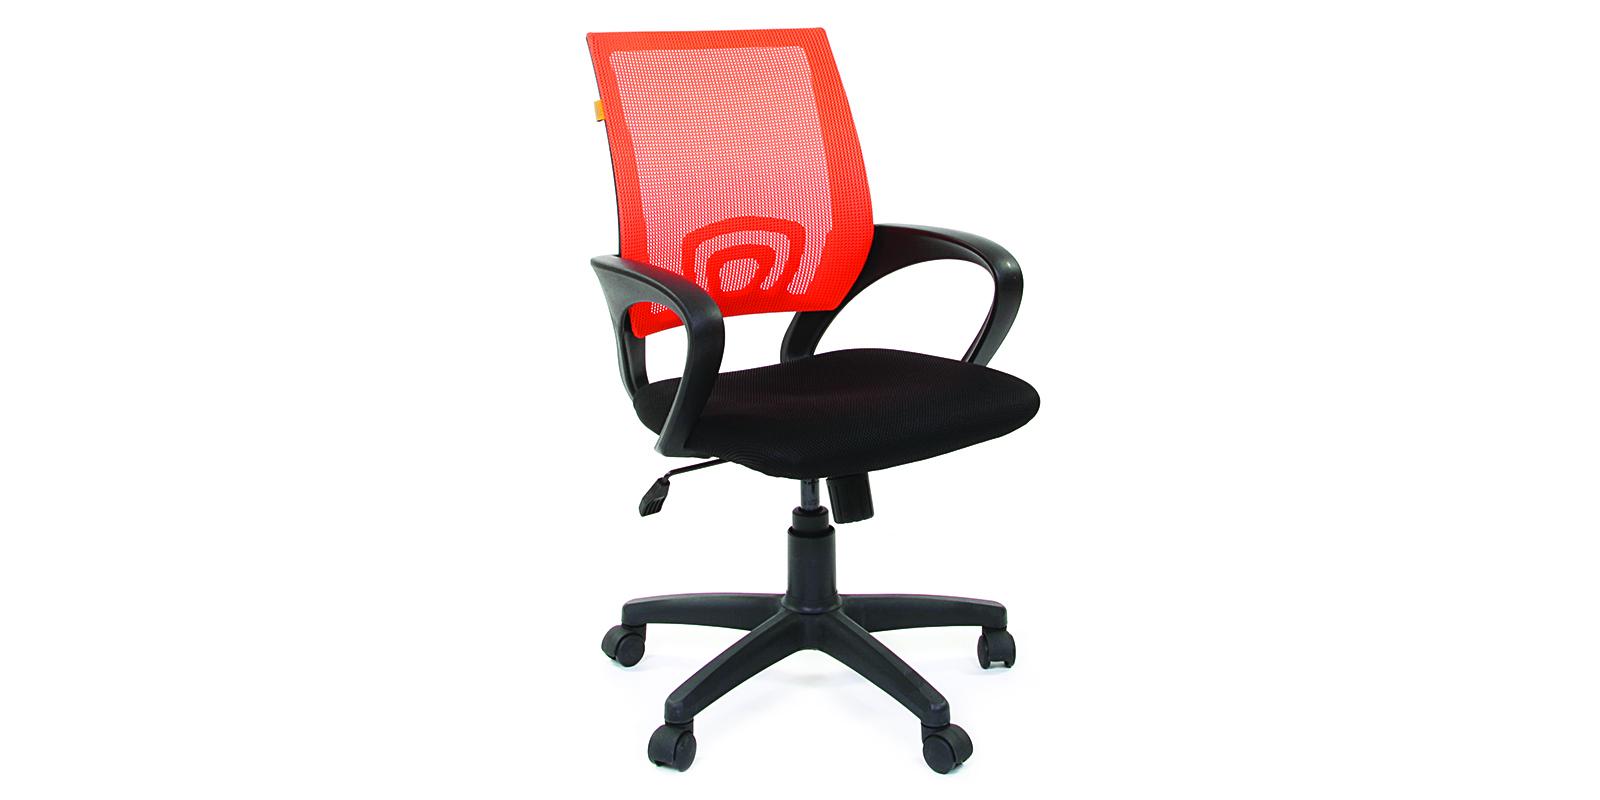 Chairman 696 (черный/оранжевый)